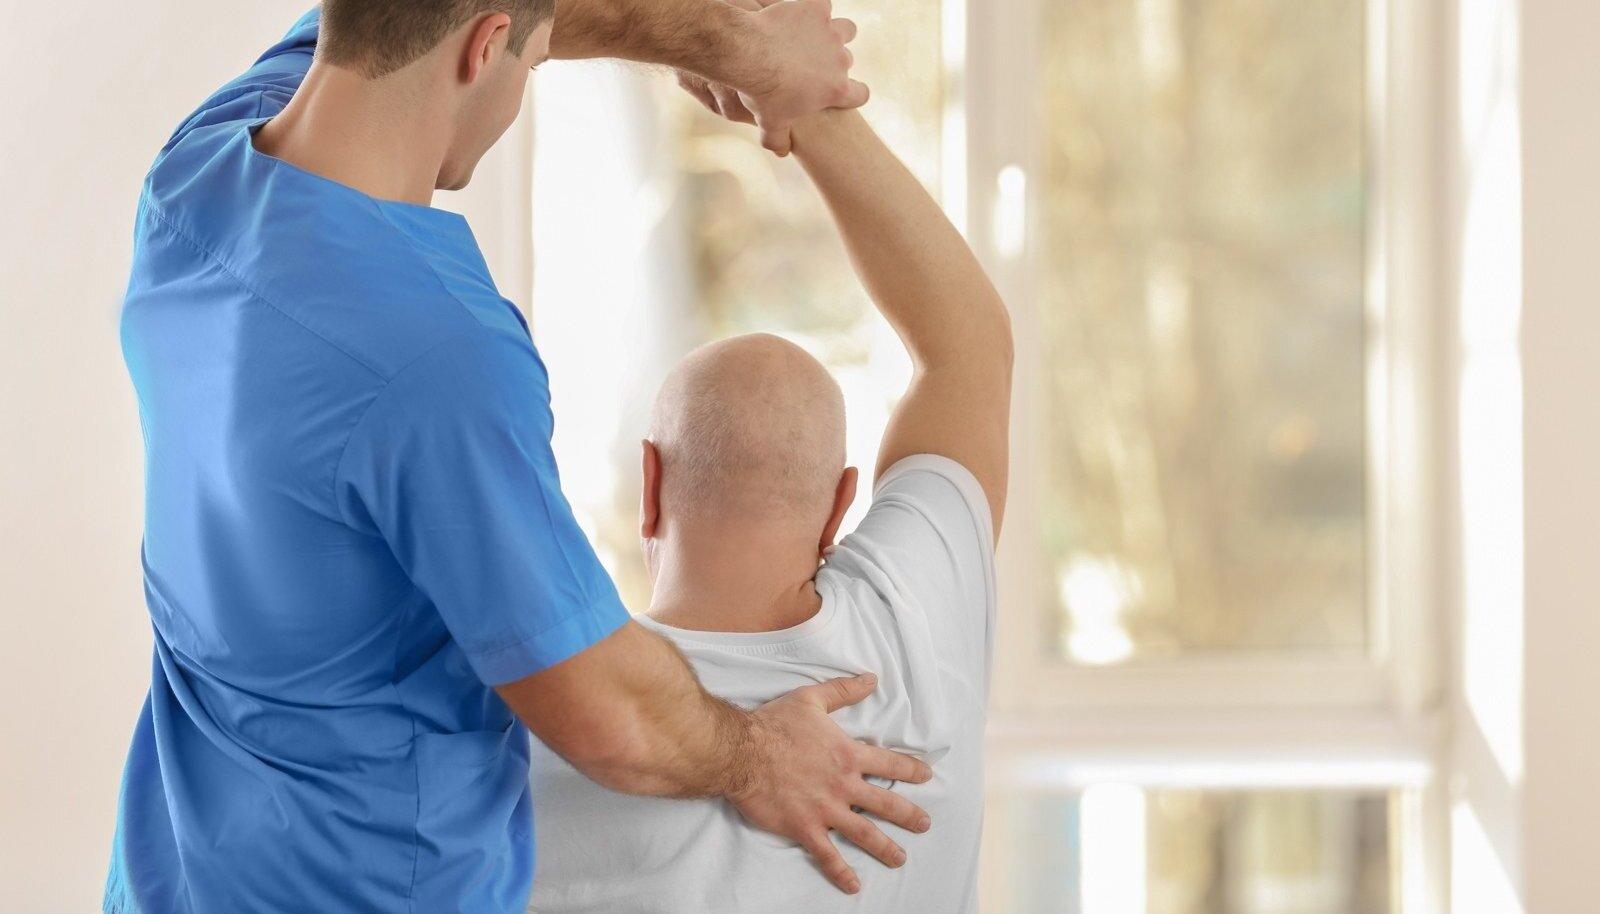 Kui koik liigese haiget Kellele liigeste vigastamisel kokku puutuda